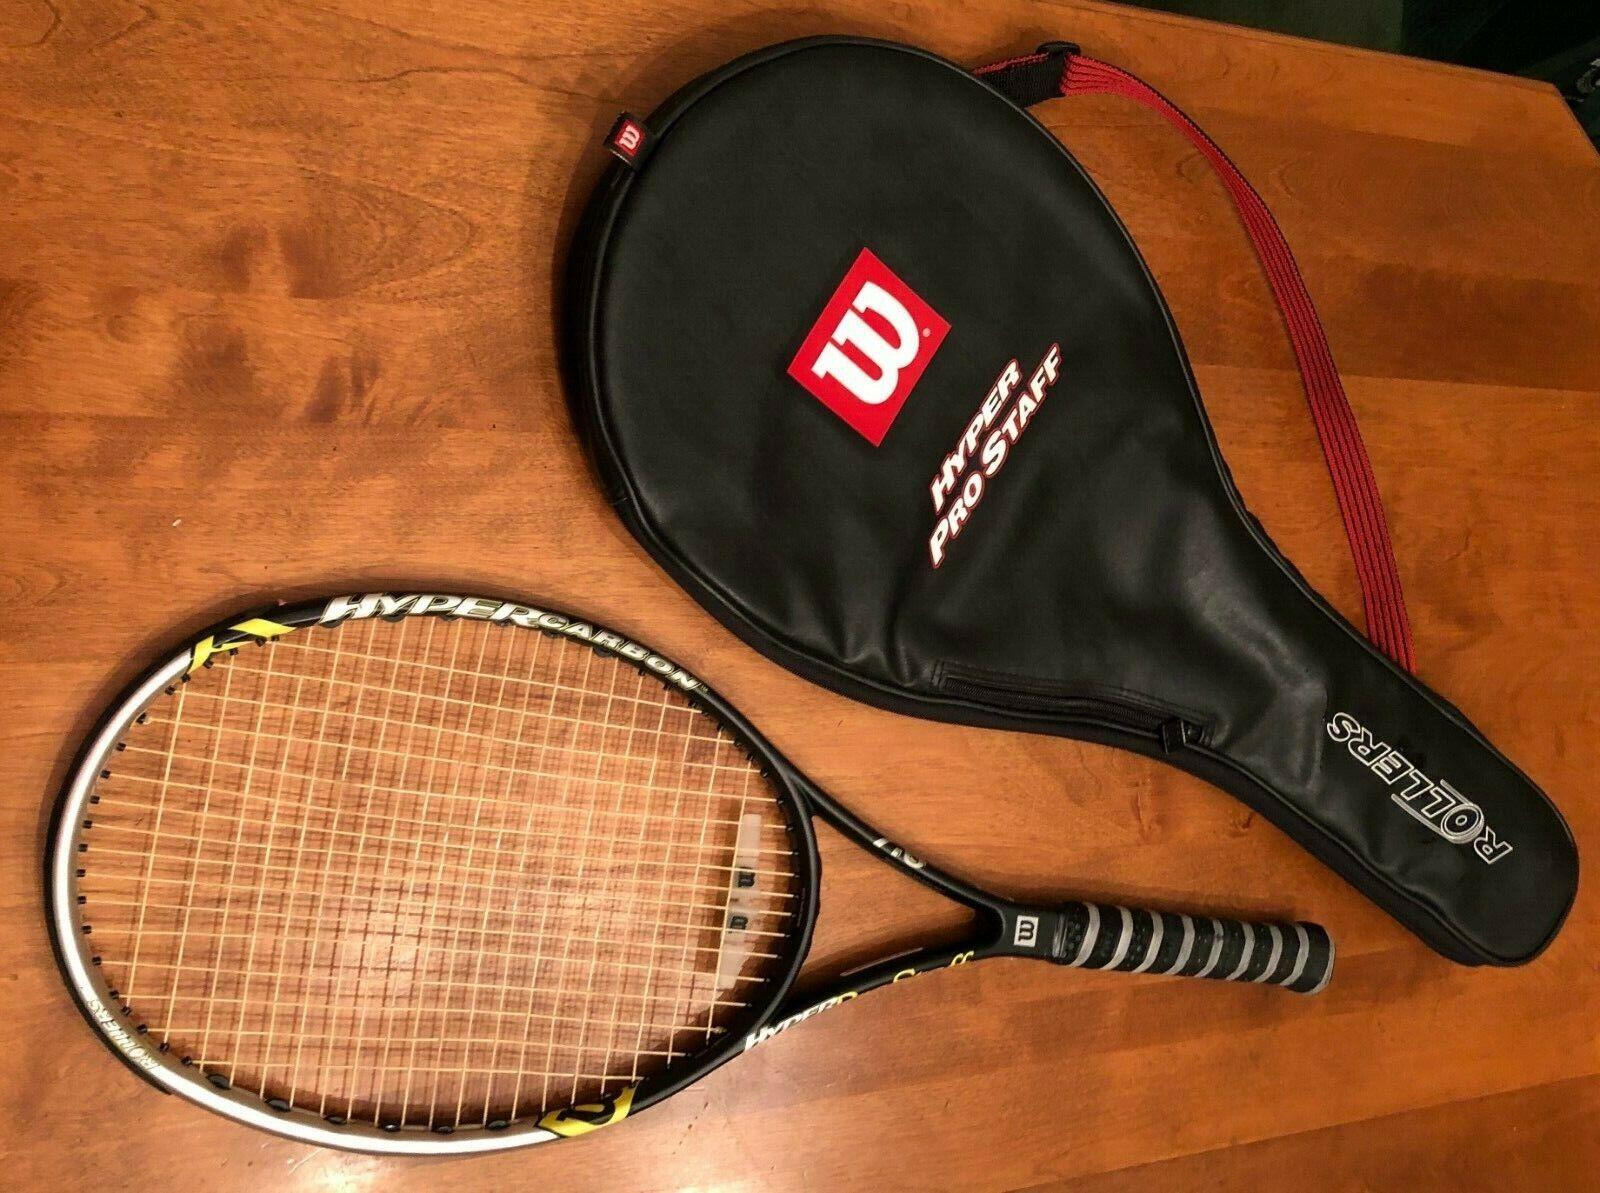 Wilson Hyper Carbono Prostaff 7.6 Rodillos De Tenis Raqueta 4 3 8 de agarre y caso 98 Usado En Excelente Condición